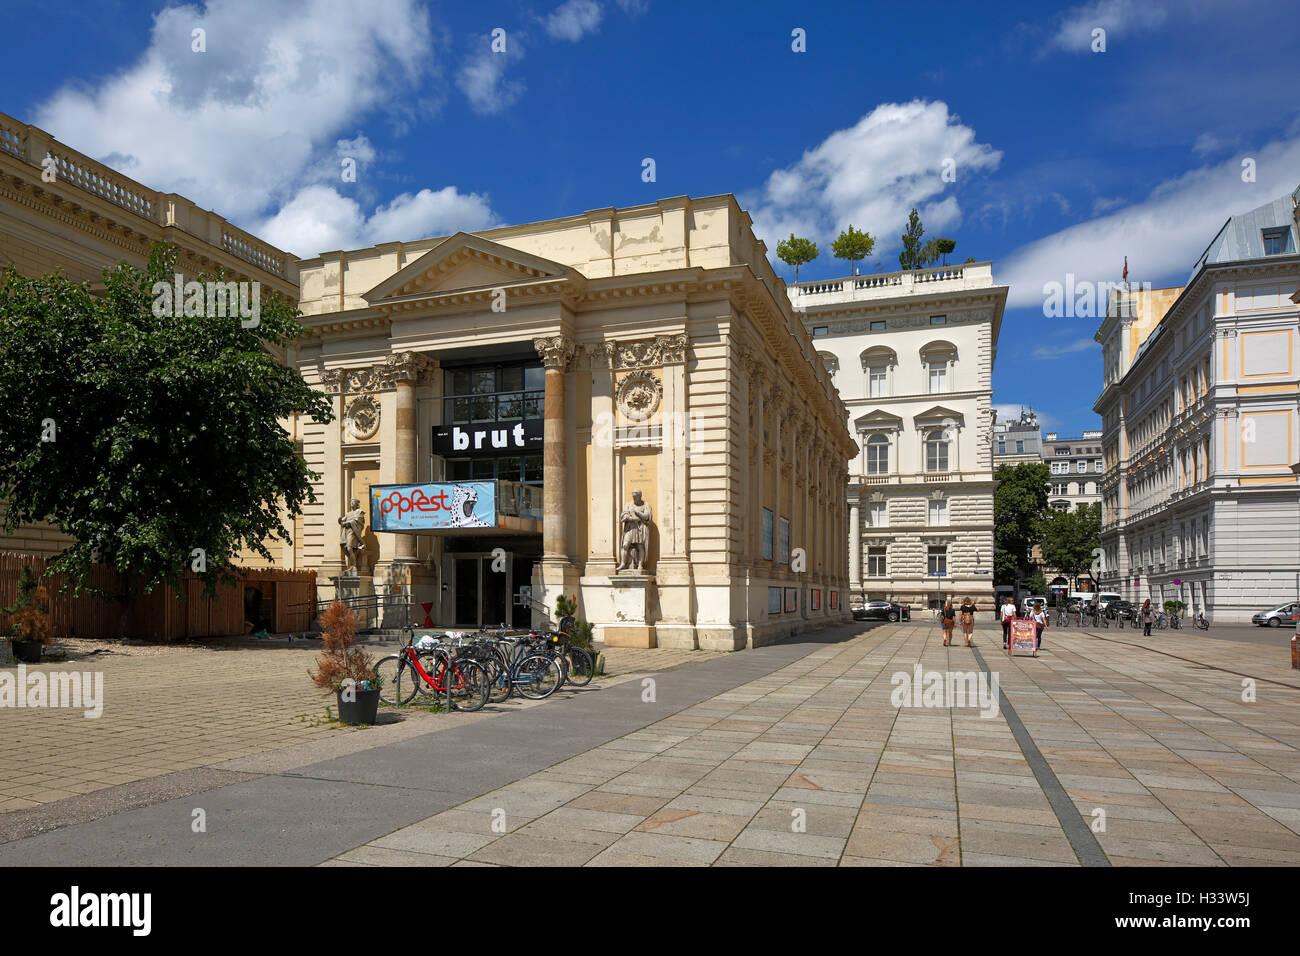 Künstlerhaus, Ausstellungsgebaeude, Theater Und Kino am Karlsplatz in Wien, Oesterreich Stockbild